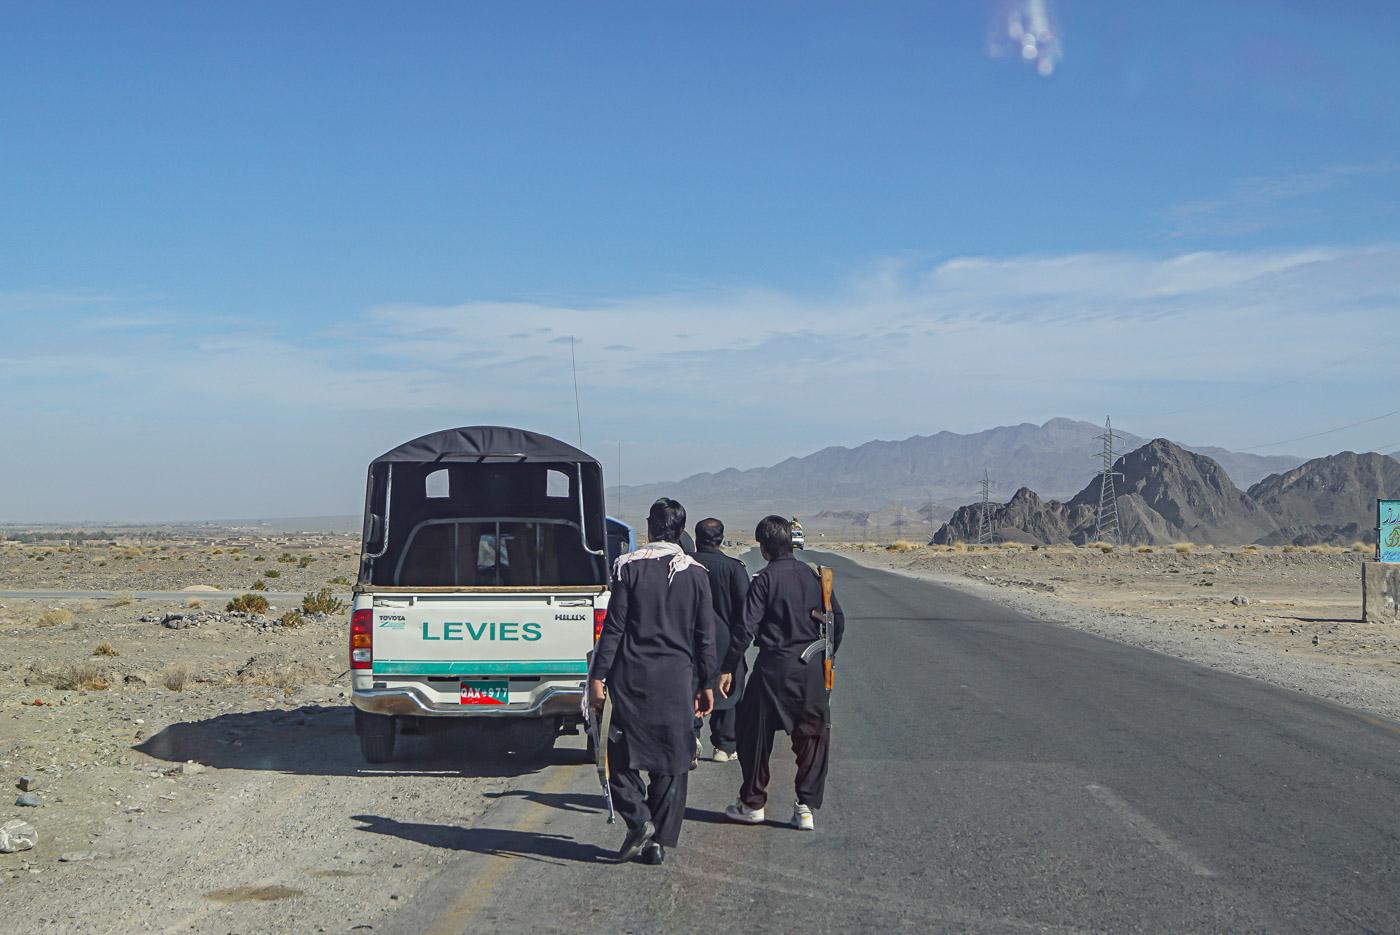 Zu sehen ist die karge Landschaft mit Bergen im Belutschistan. Im Vordergrund steht ein Jeep unserer Eskorte Am Straßenrand laufen vier Levi's mit Kalaschnikow nach einem Stopp zurück zu ihrem Auto um sich für die Weiterfahrt bereit zu machen.